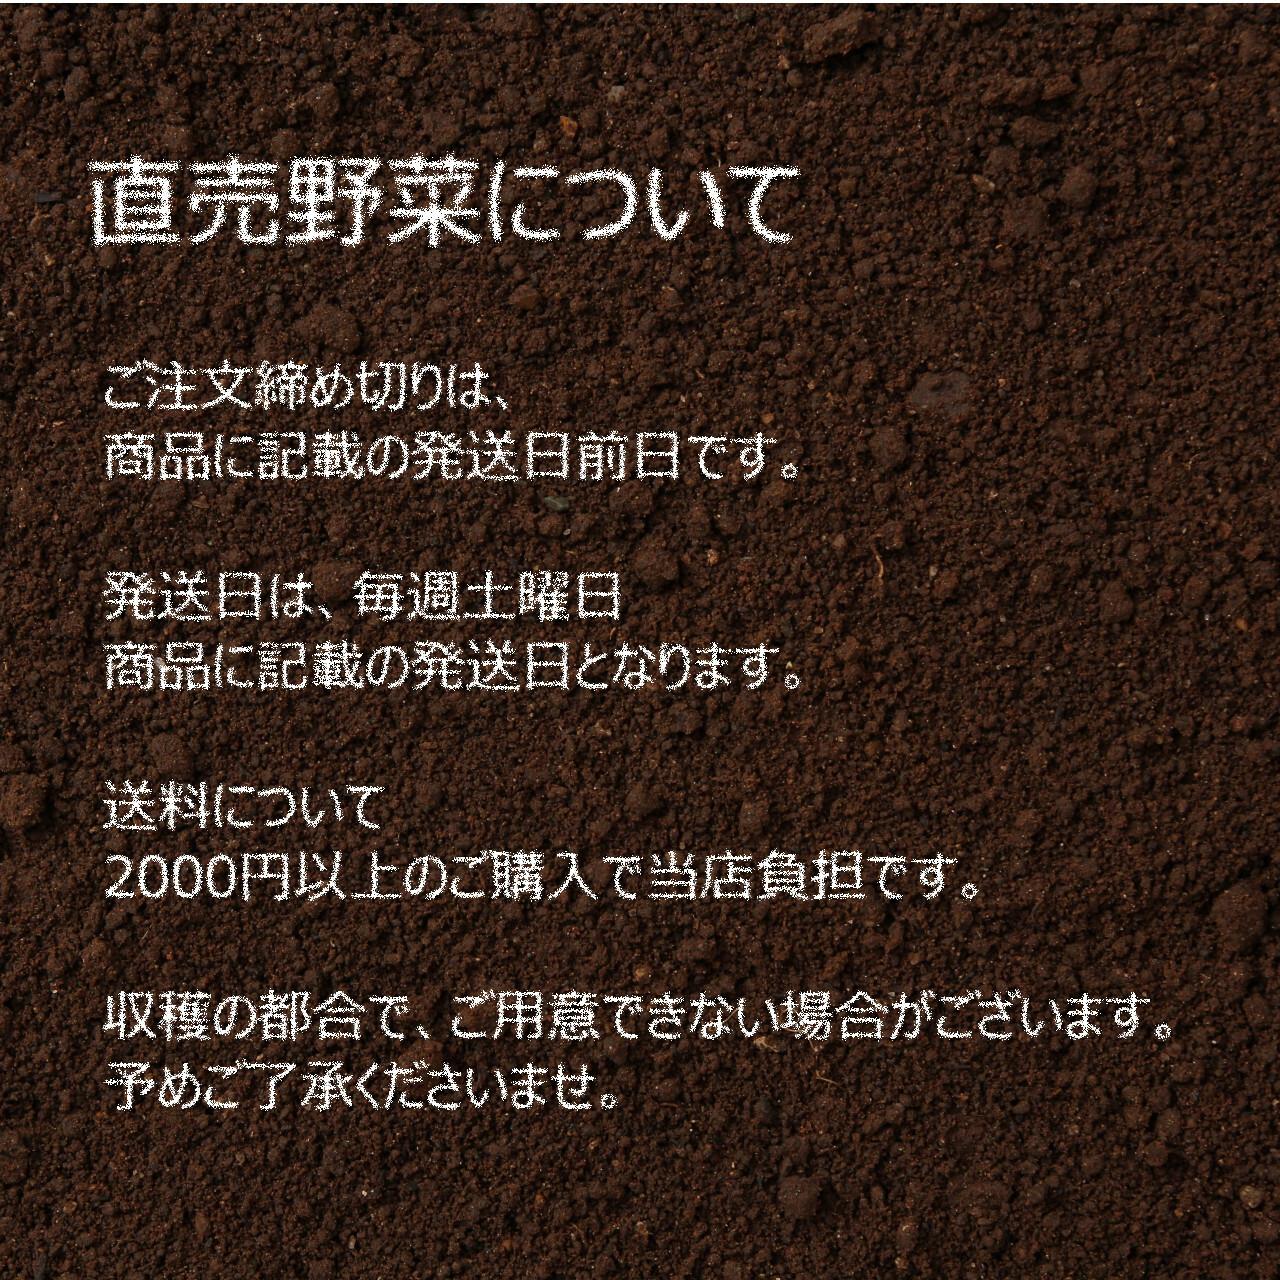 春の新鮮野菜 きぬさや 5月の朝採り直売野菜 5月16日発送予定